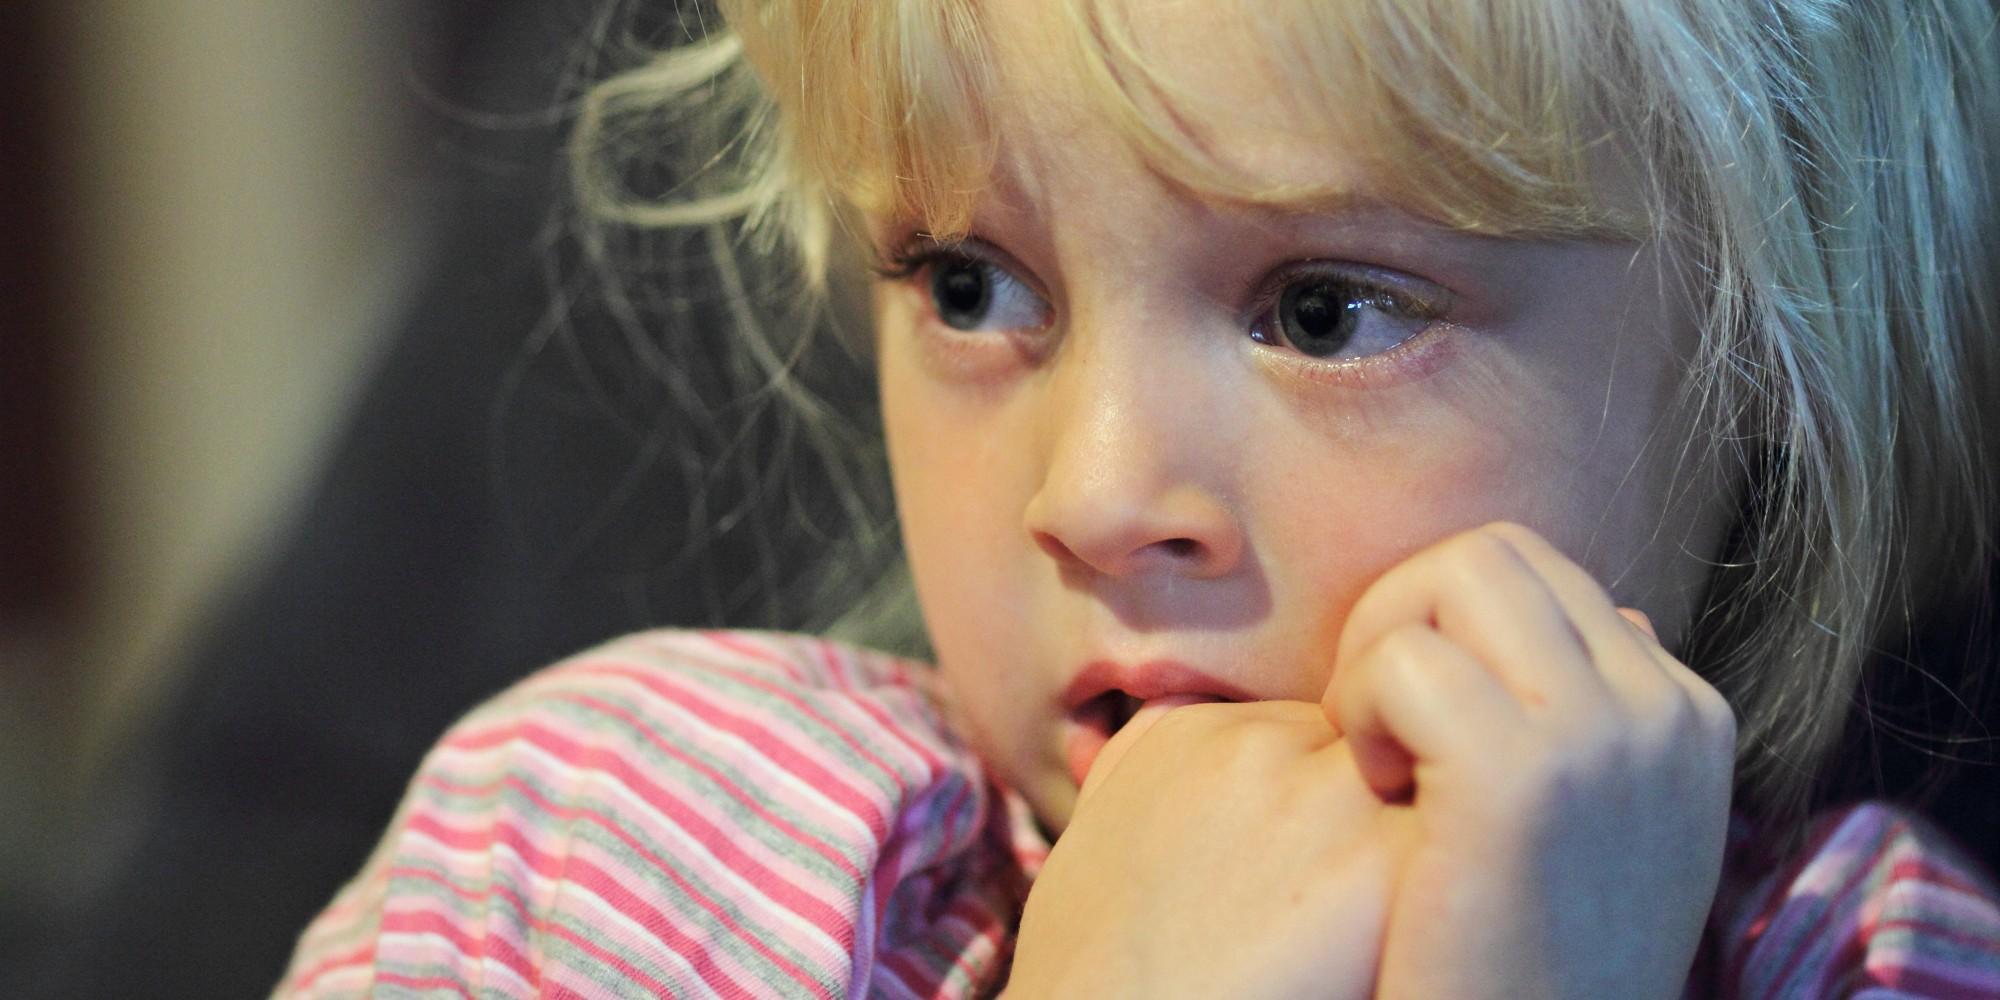 Депрессия и тревожность детей диагностируется по их движениям в опасной ситуации